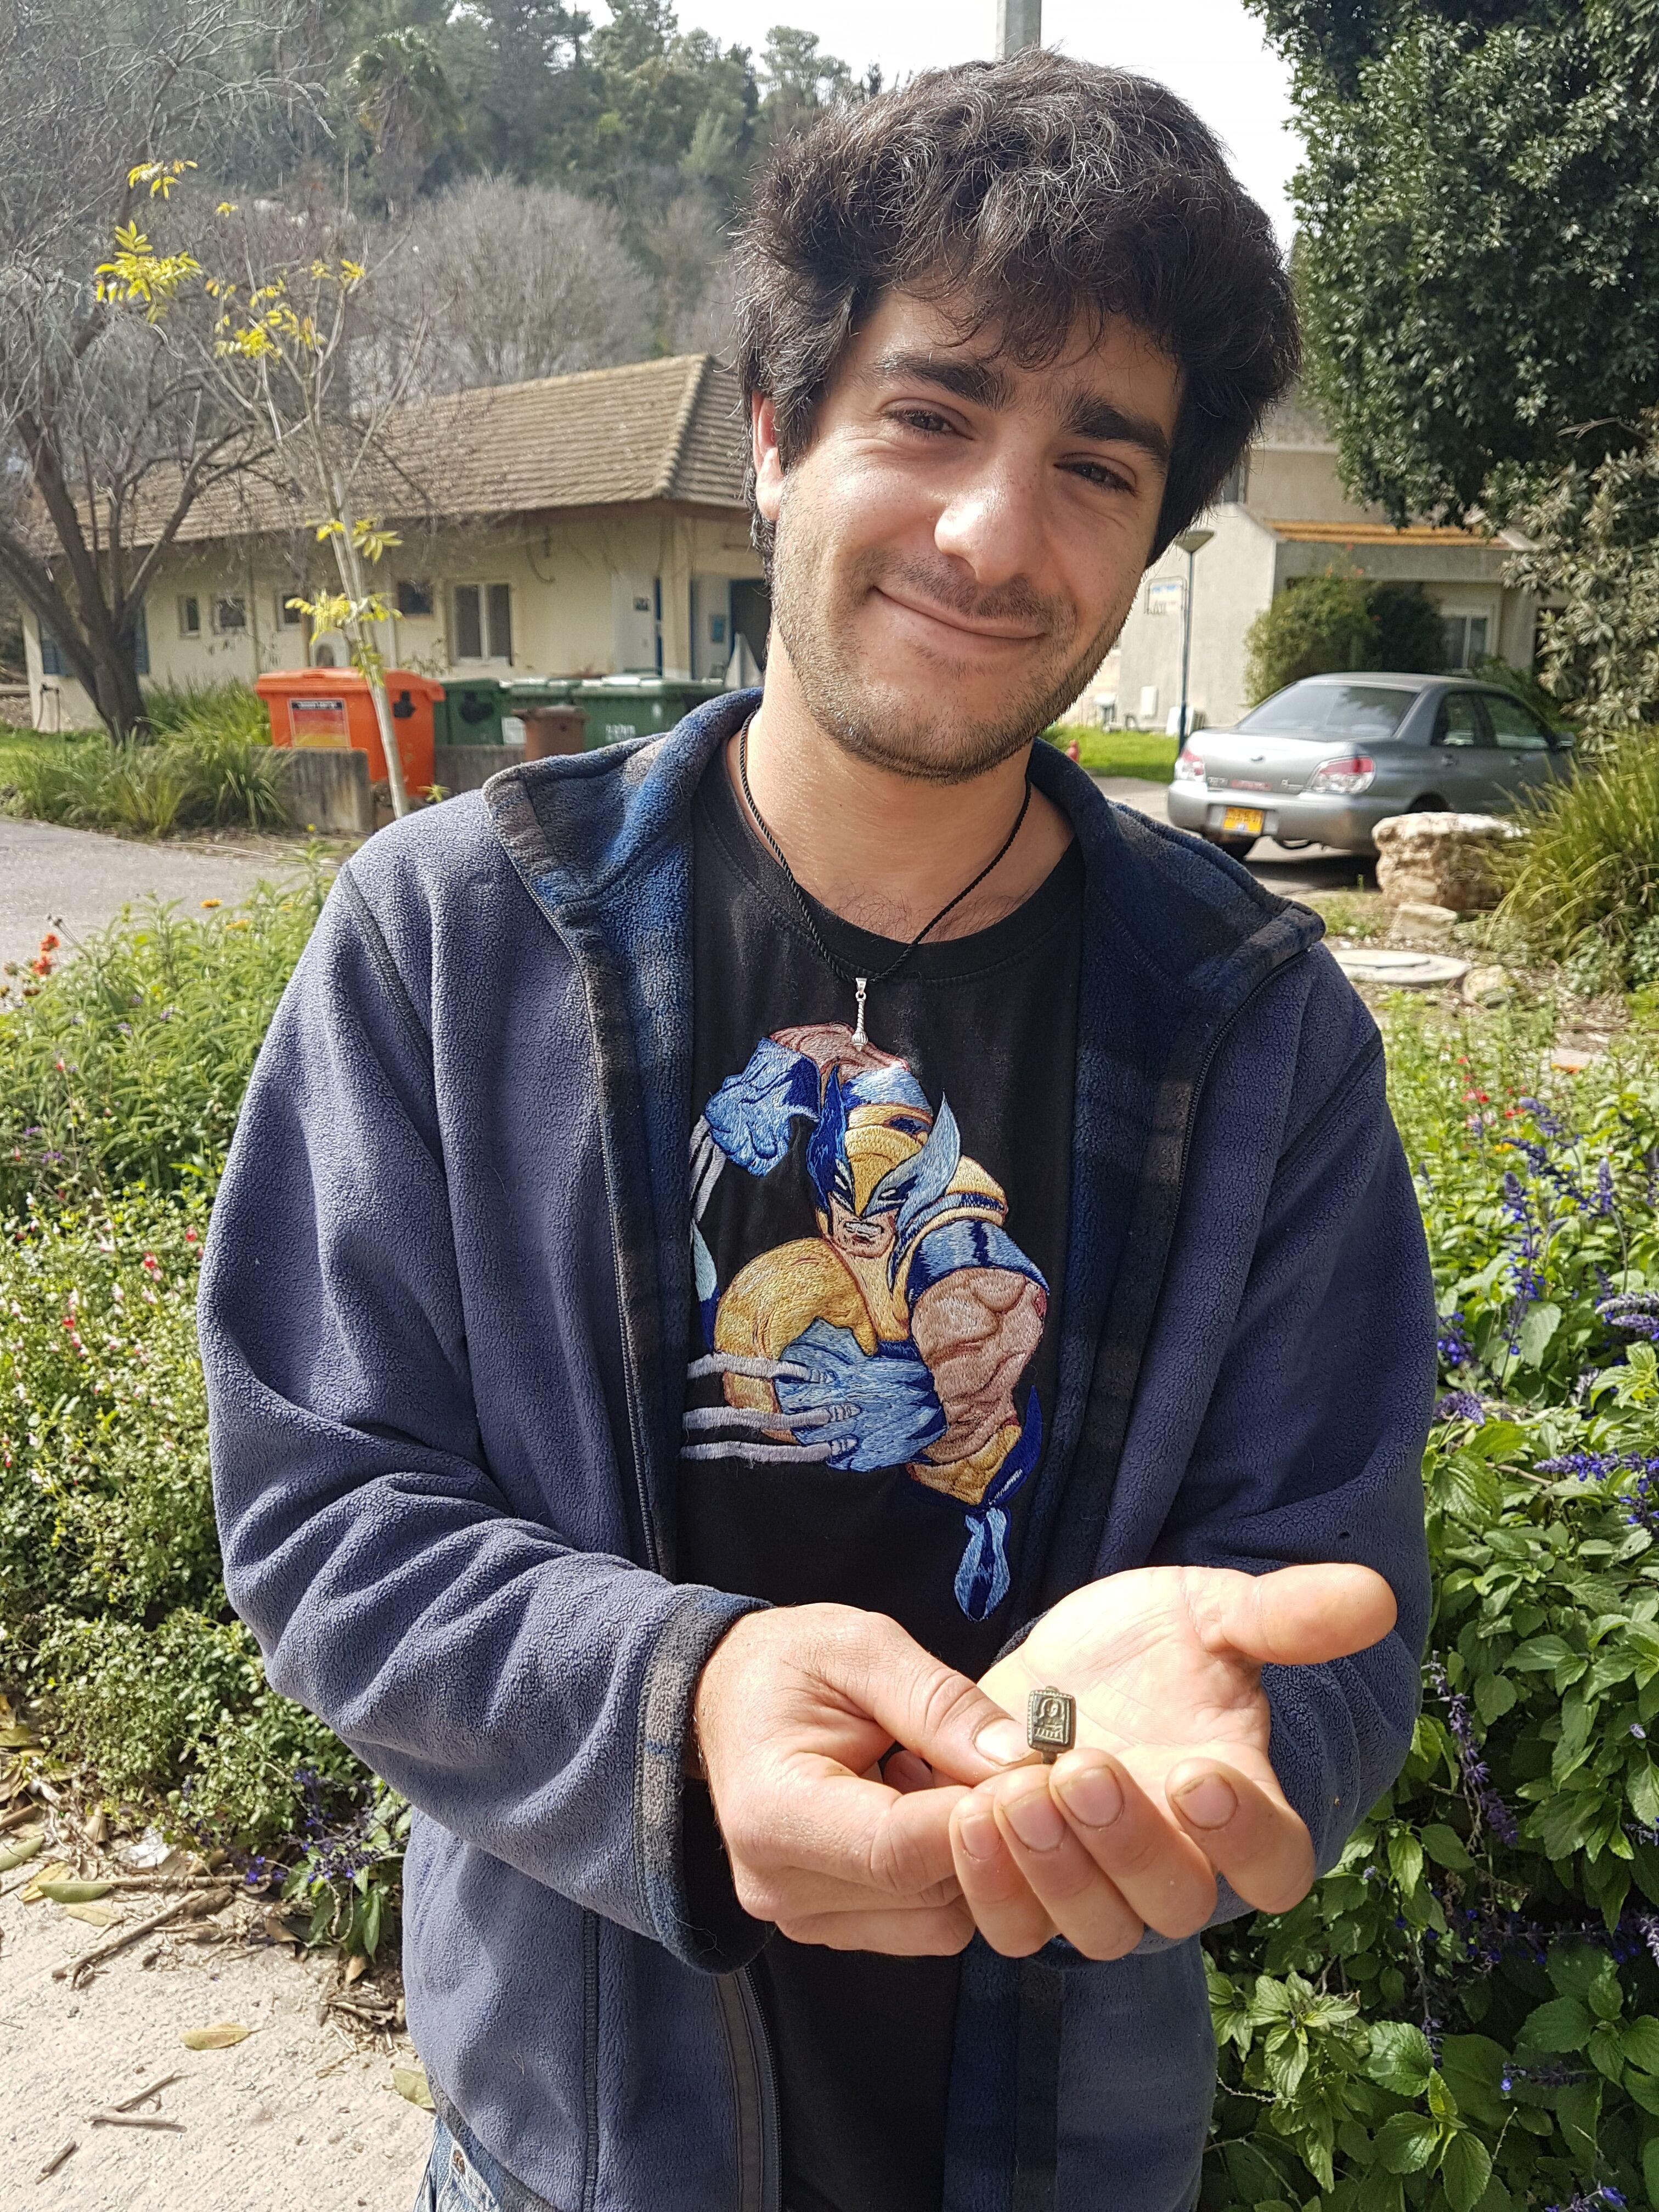 Inelul cu Sfântul Moș Nicolae a fost găsit de Dekel Ben-Shitrit, un grădinar de 26 de ani dintr-un chibuț din nordul Israelului, Moshav Yogev, în timp ce săpa în grădina comunității